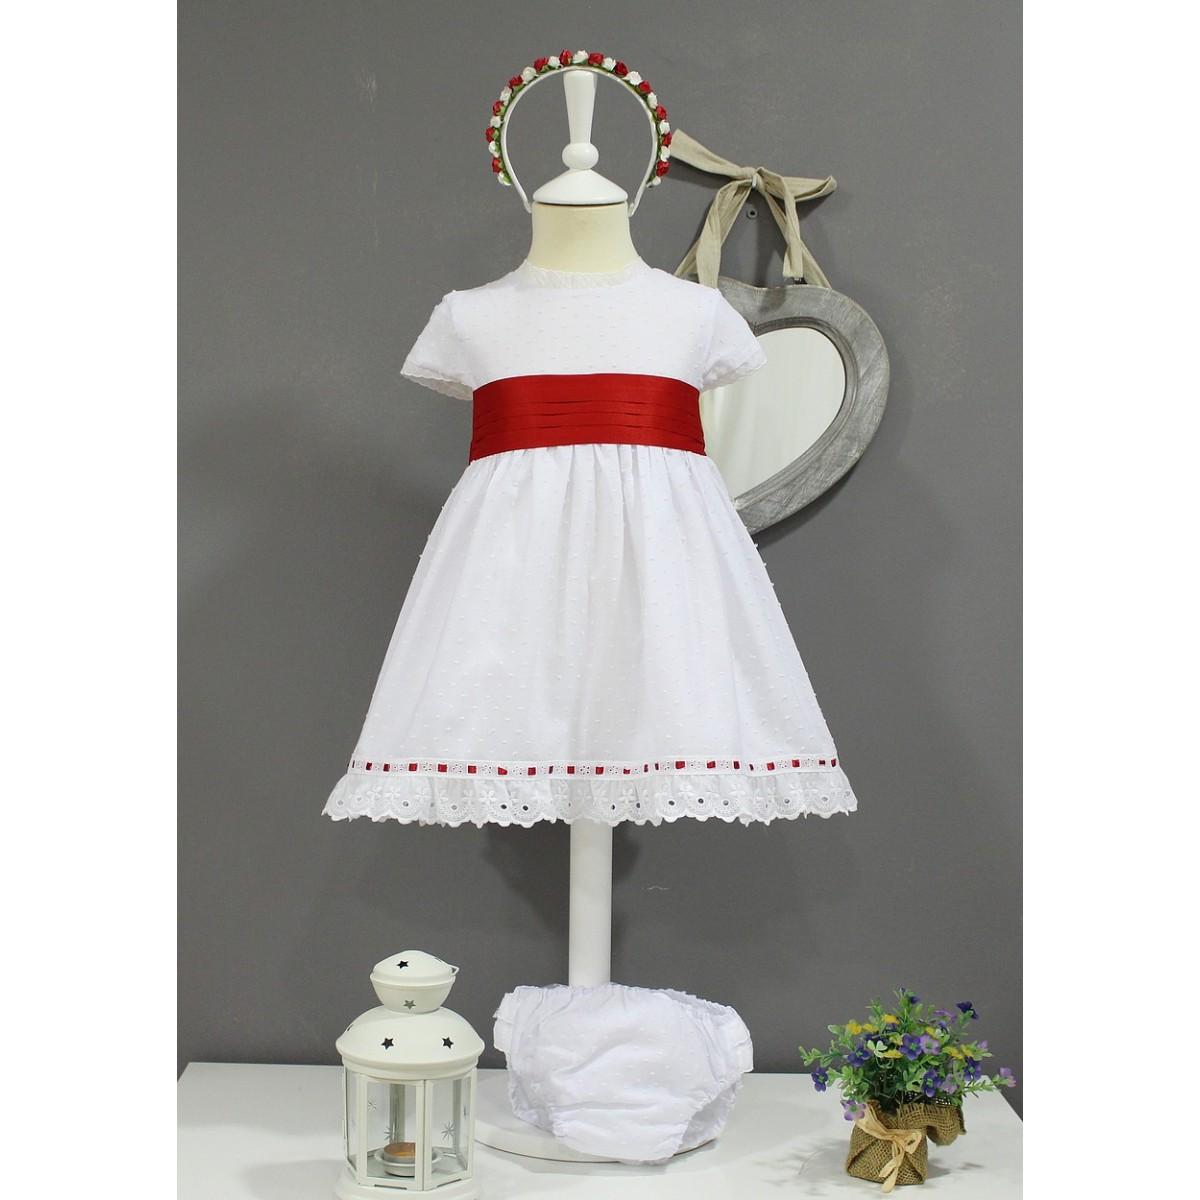 Vestidos para boda baratos valencia